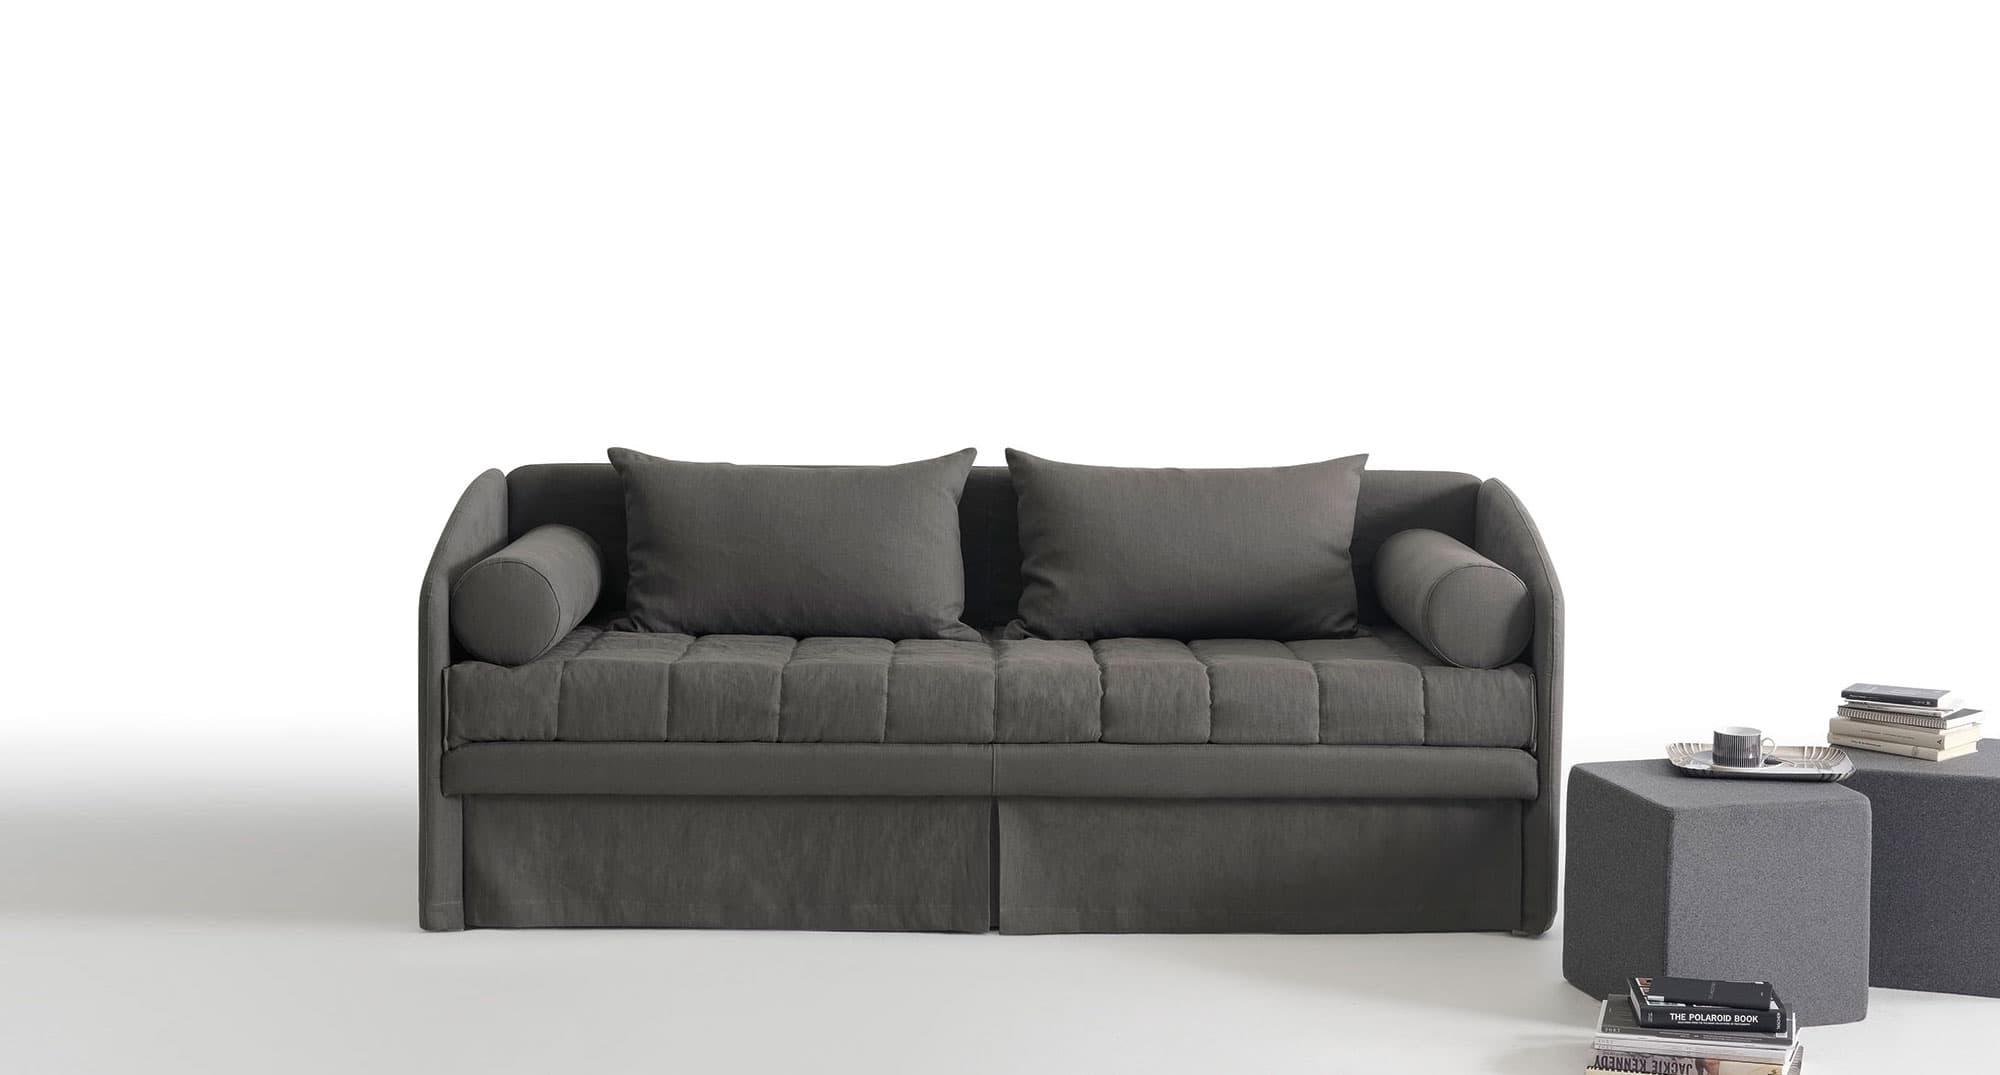 Divano leto great divano letto con vano contenitore x in colori ecopelle o microfibra with - Divano letto toronto ...